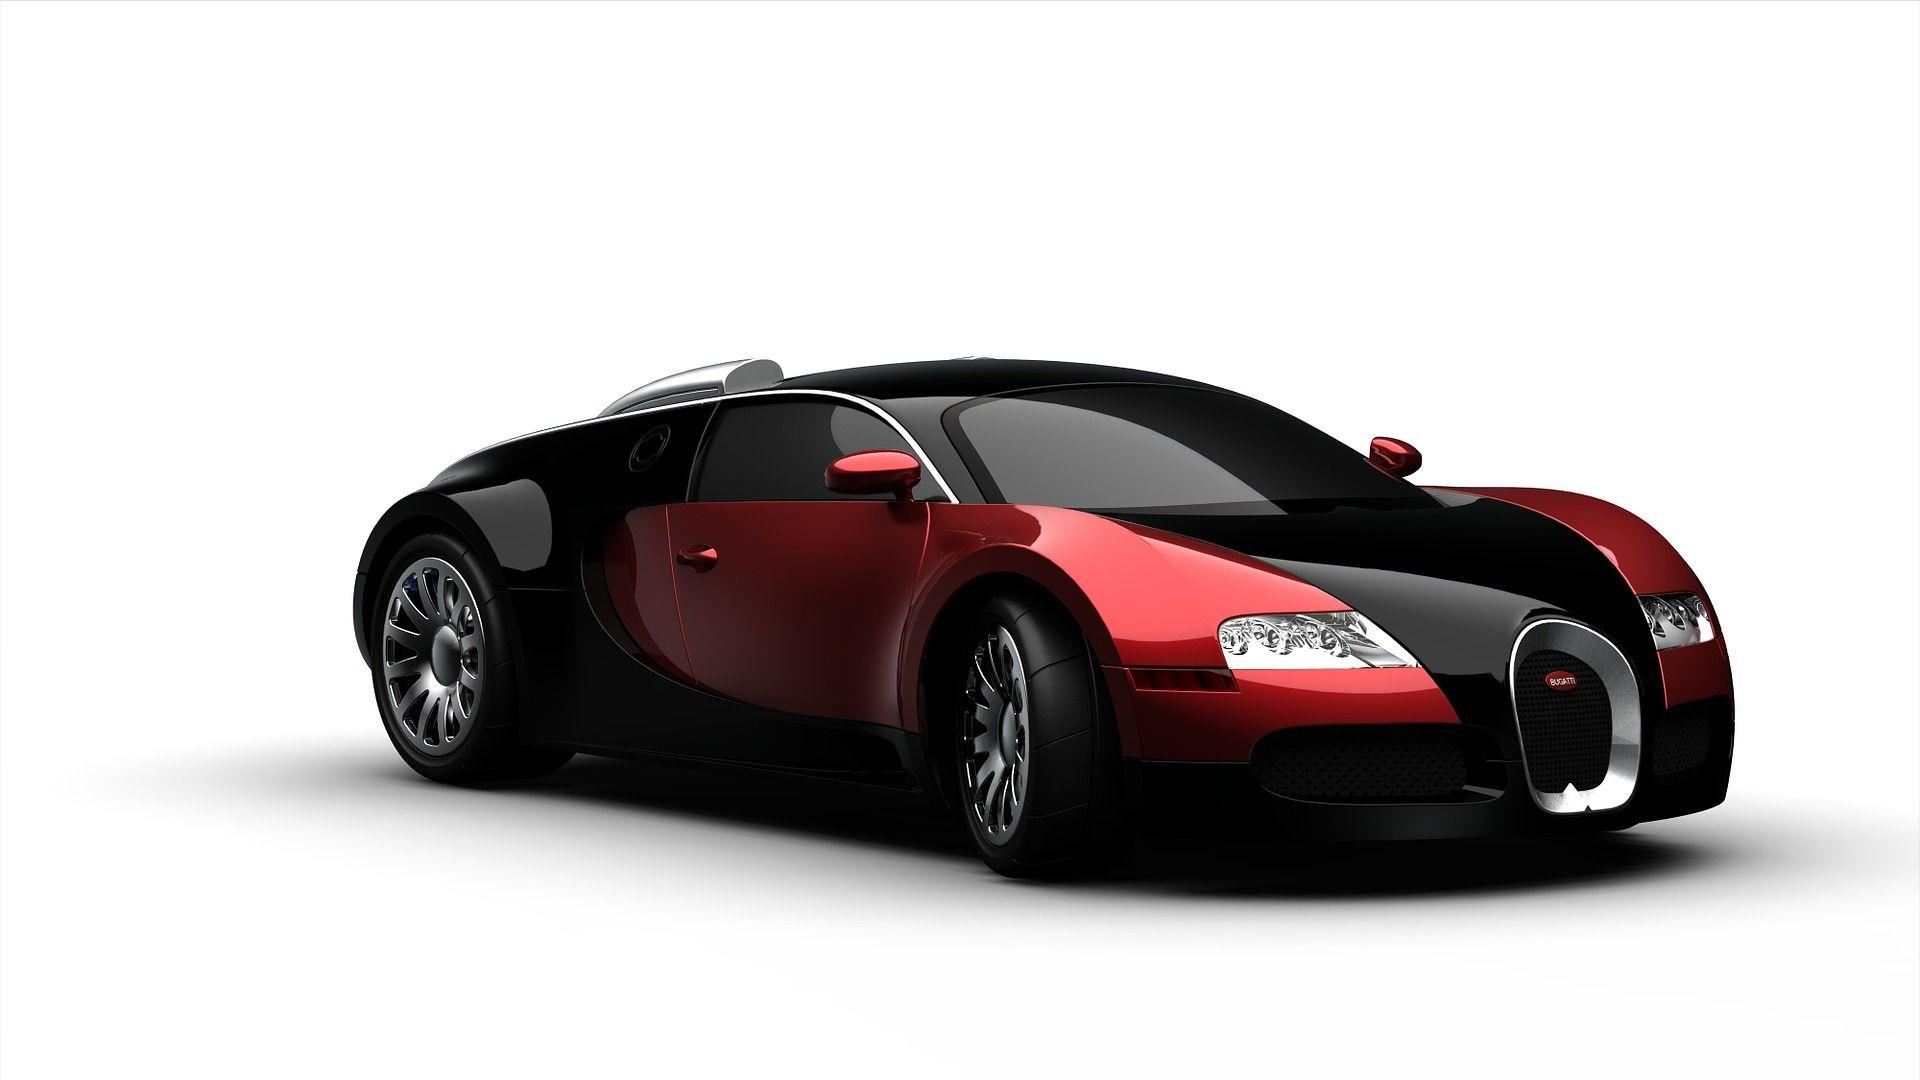 New Car New Paint Best Treatment No Wax Http Www Best Tech